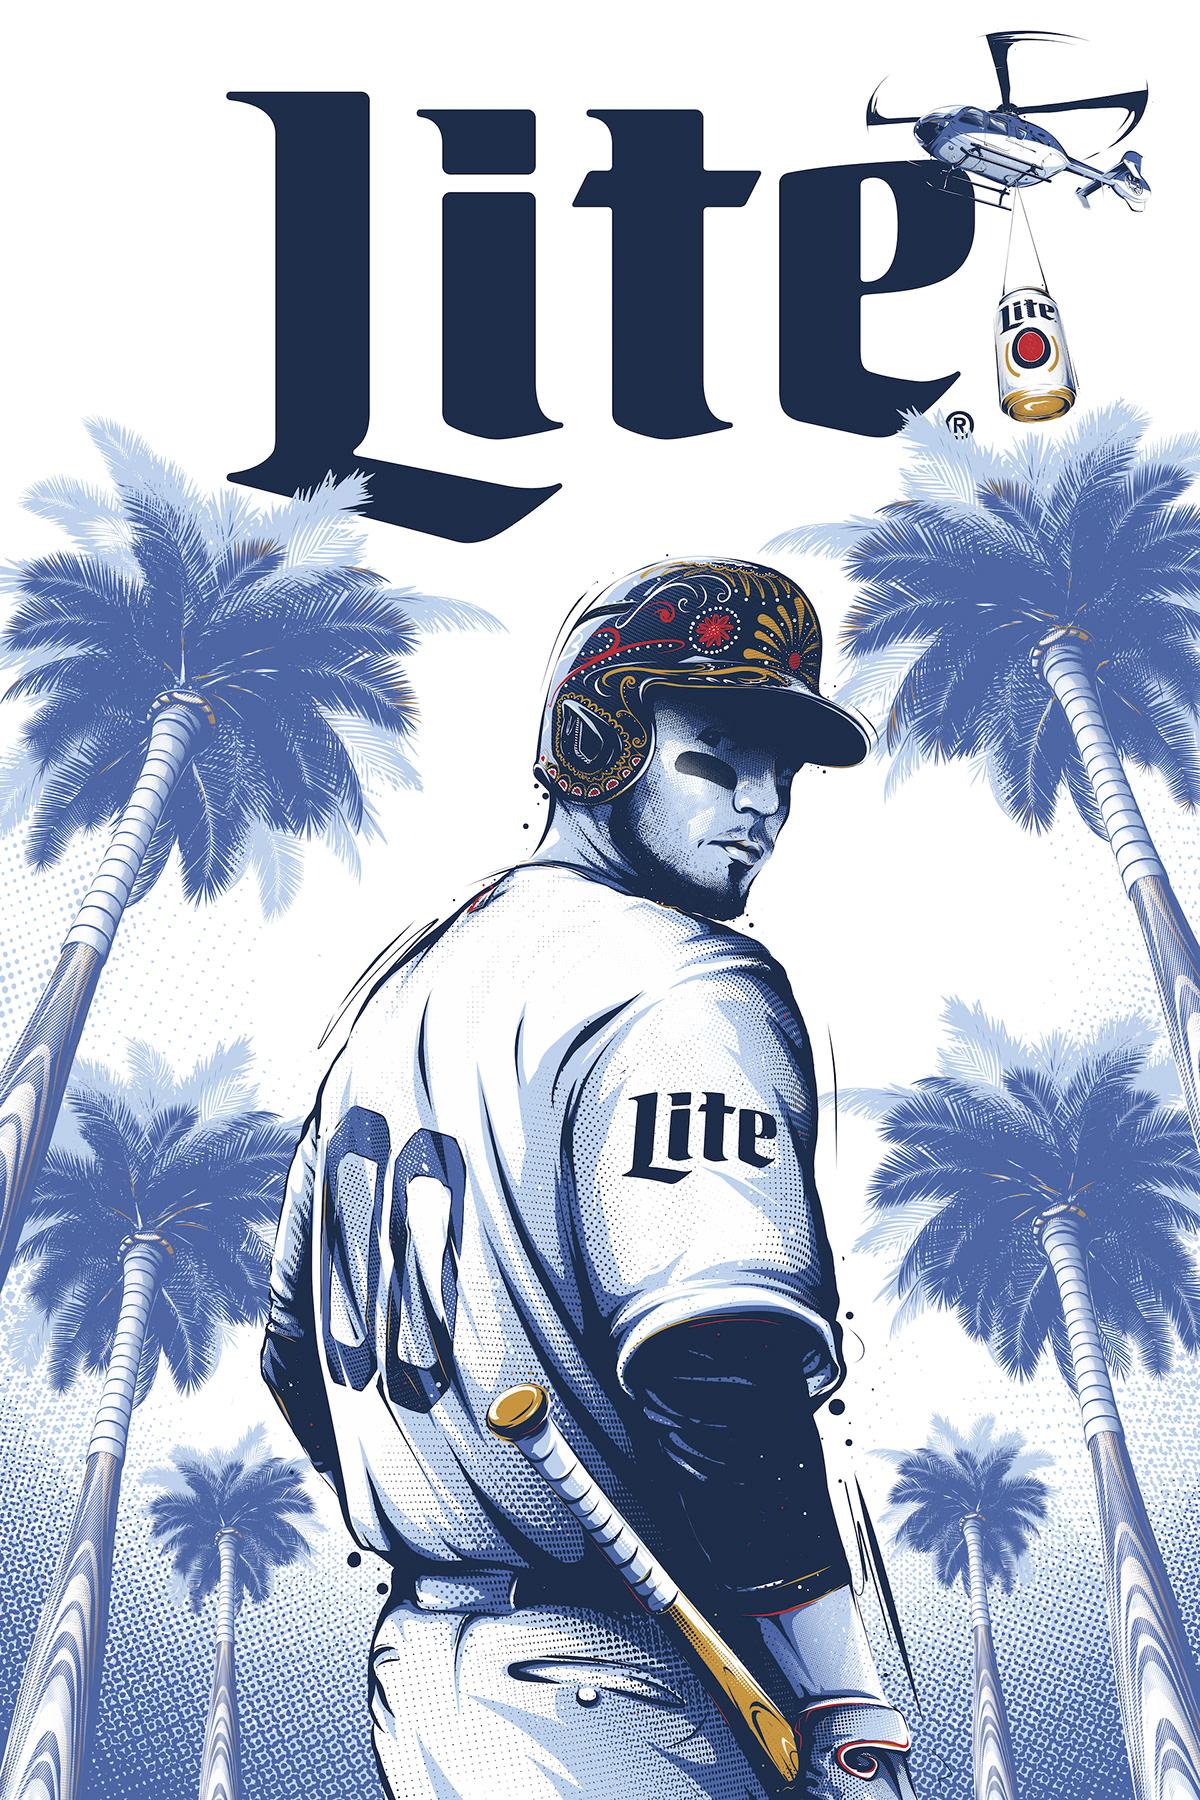 Image may contain: baseball and cartoon